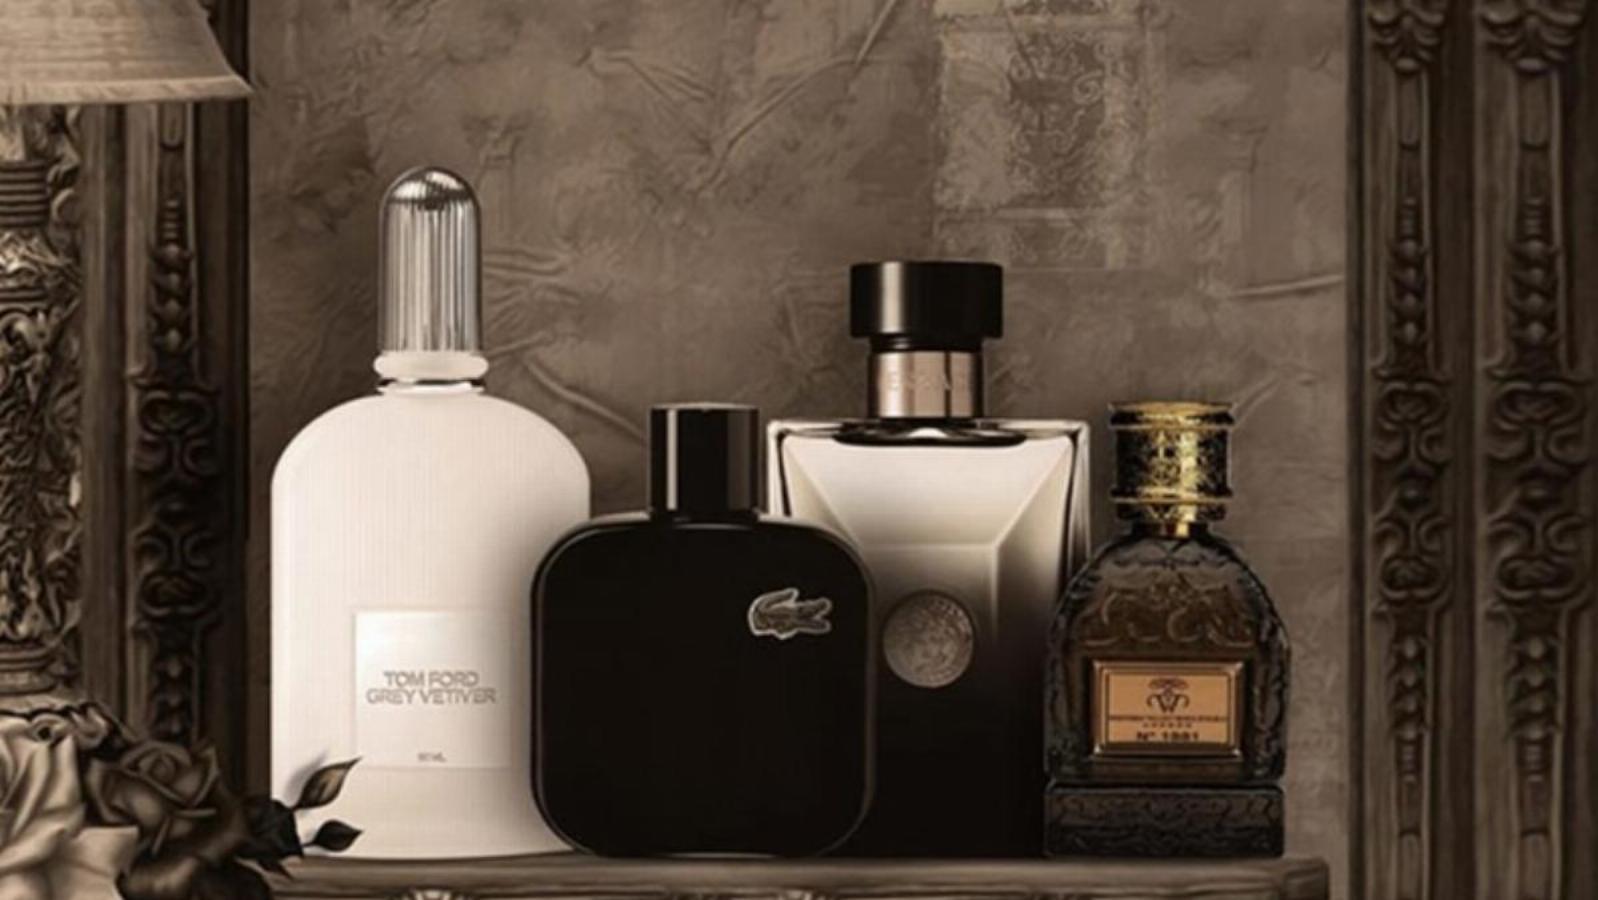 راهنمای استفادهی صحیح از عطر؛ رایحهی خوشتر، ماندگاری بیشتر